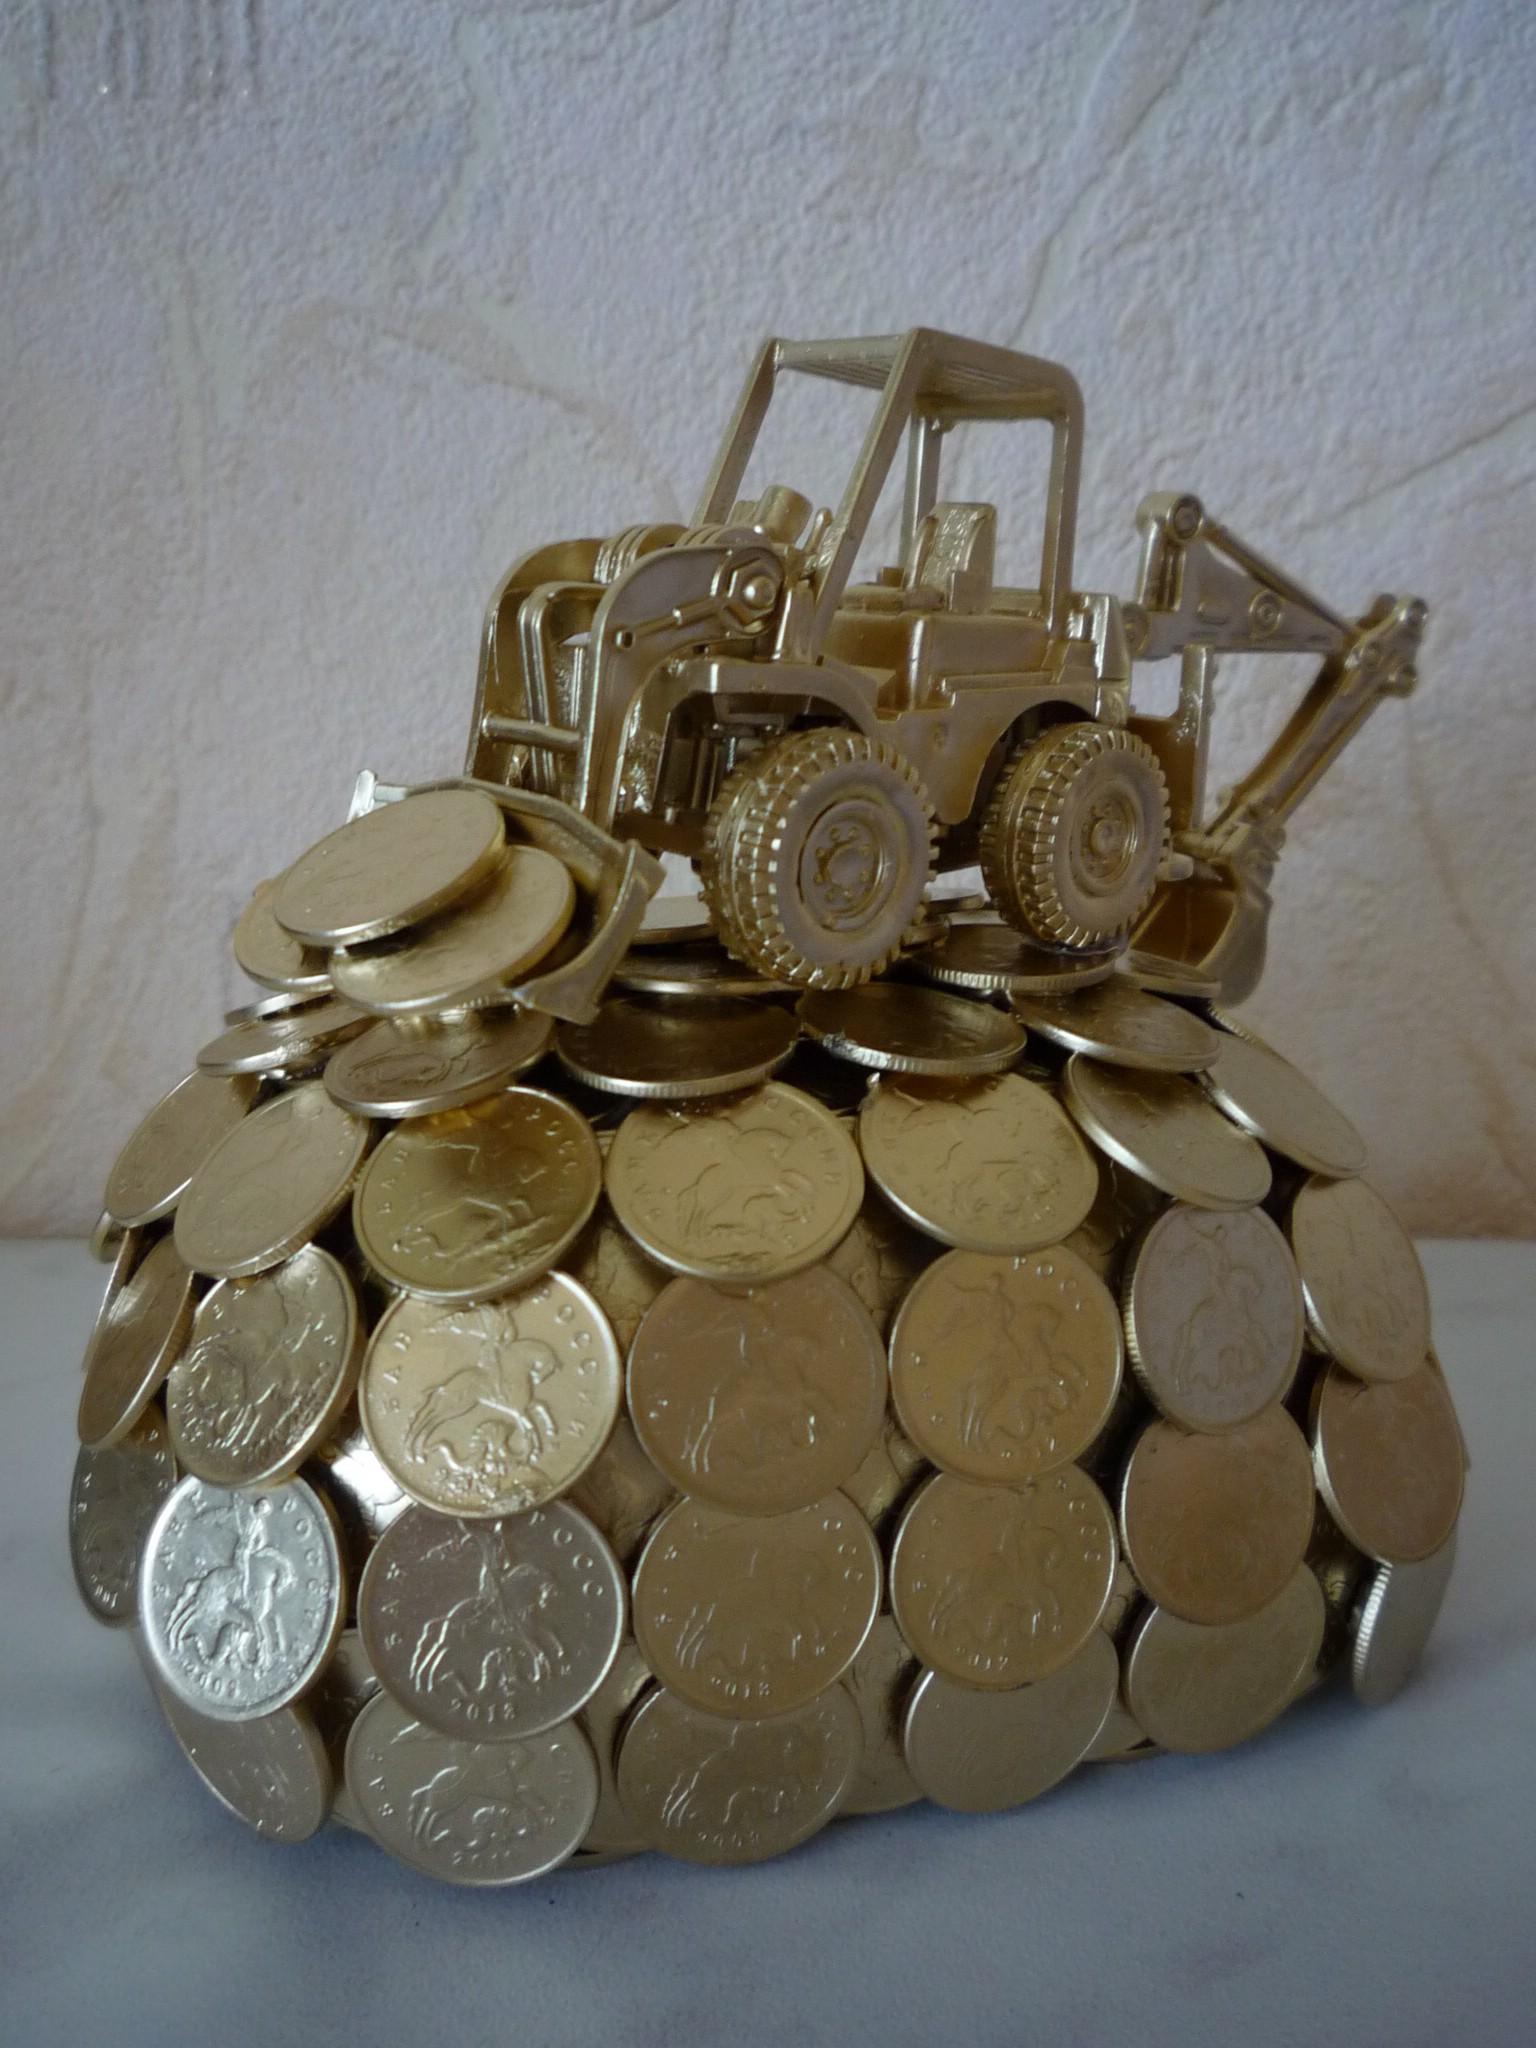 Что можно сделать из монет? Полезное. или красивое? 100